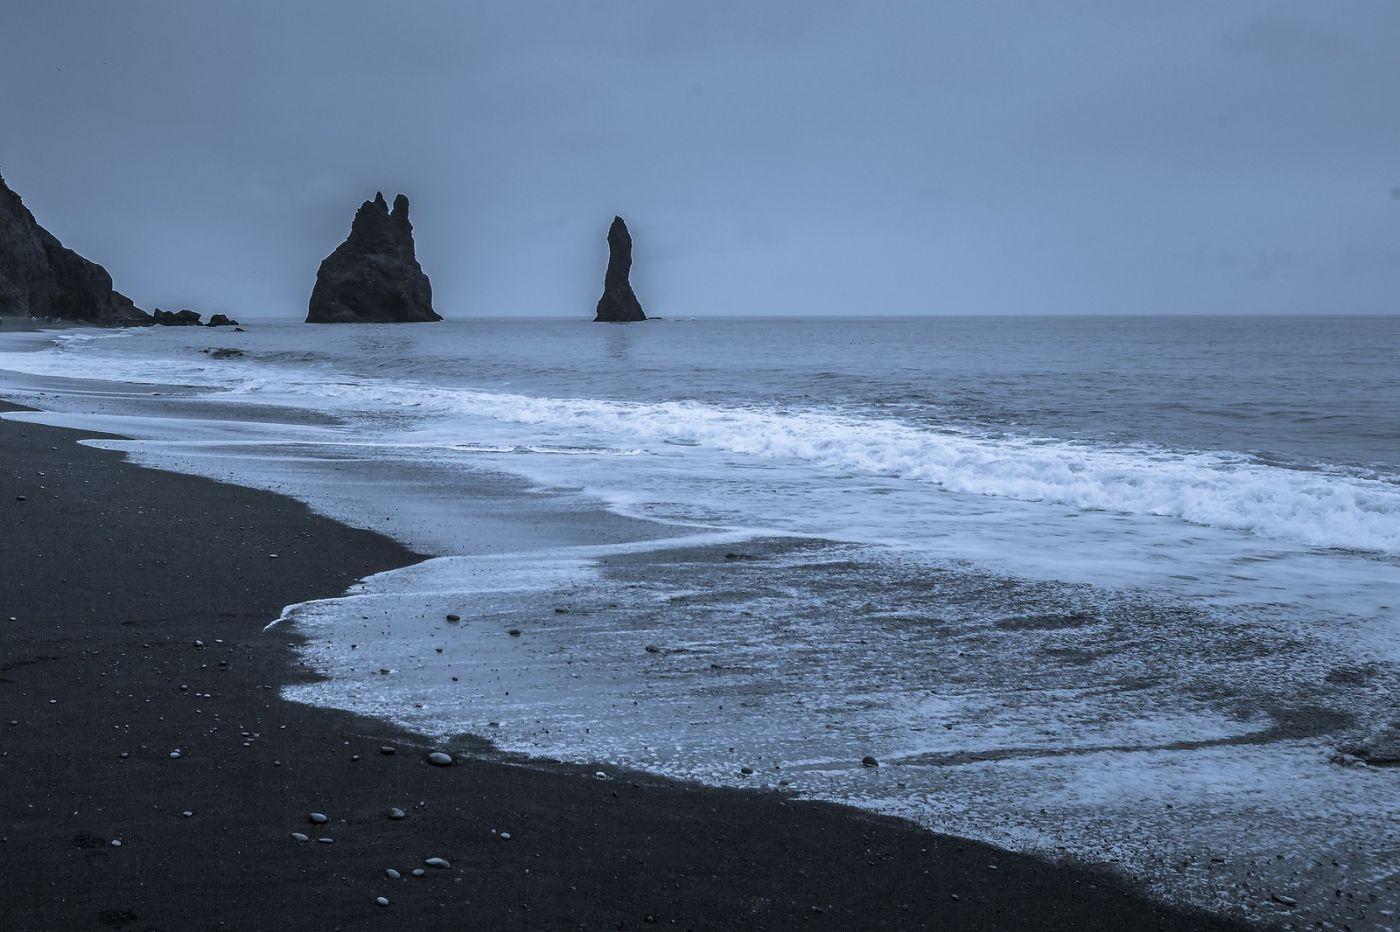 冰岛雷尼斯法加拉黑沙滩(Reynisfjara Black Sand Beach)_图1-6